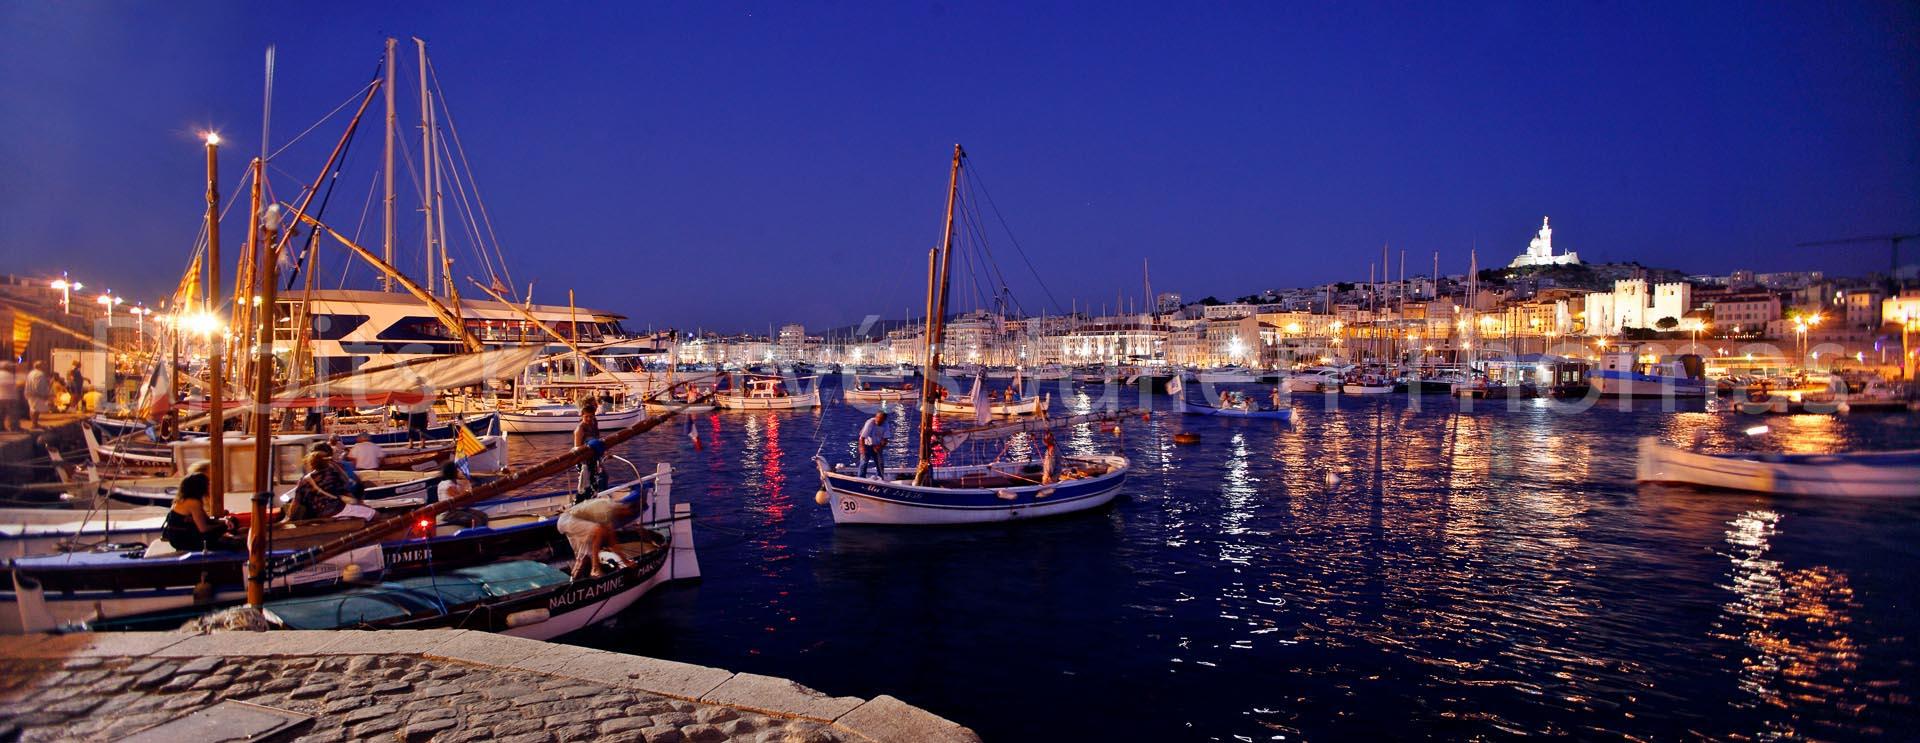 2017 - Discotheque marseille vieux port ...